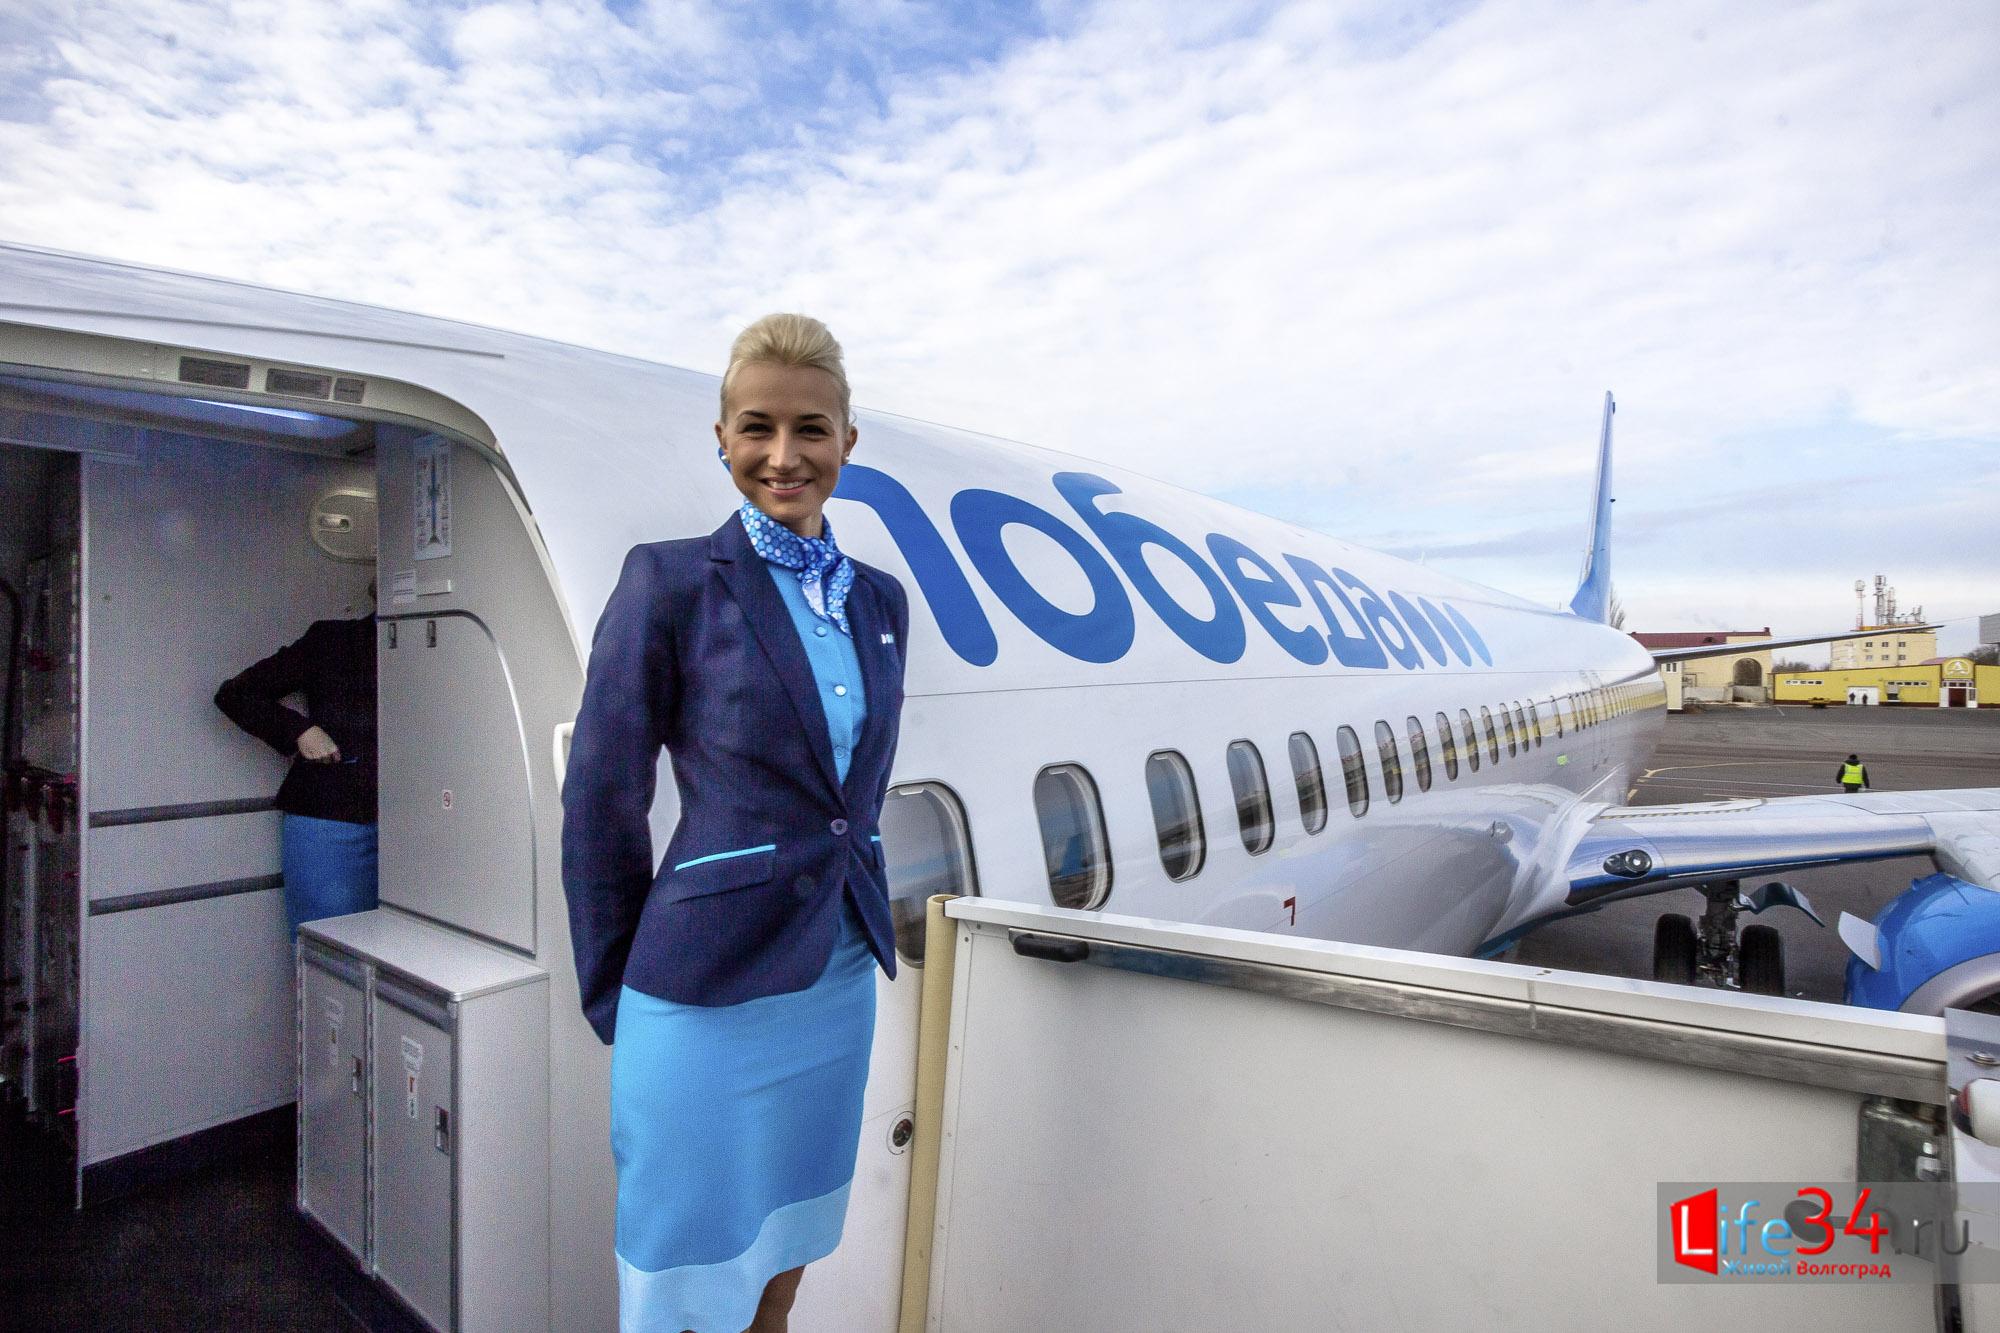 Лоукостер «Победа» приступает к осуществлению авиарейсов Тбилиси - Ростов-на-Дону